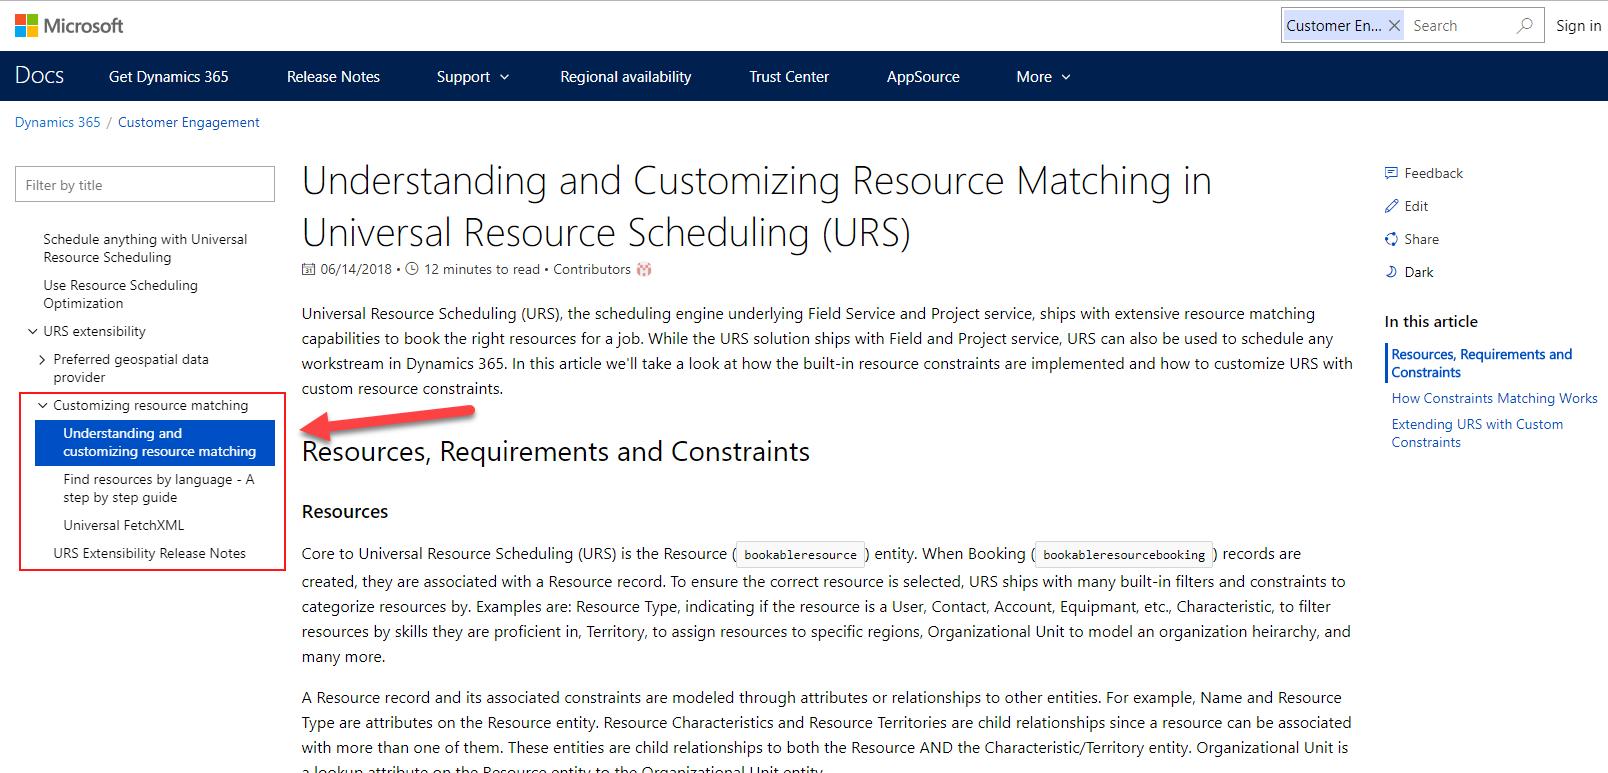 Universal Resource Scheduling documentation